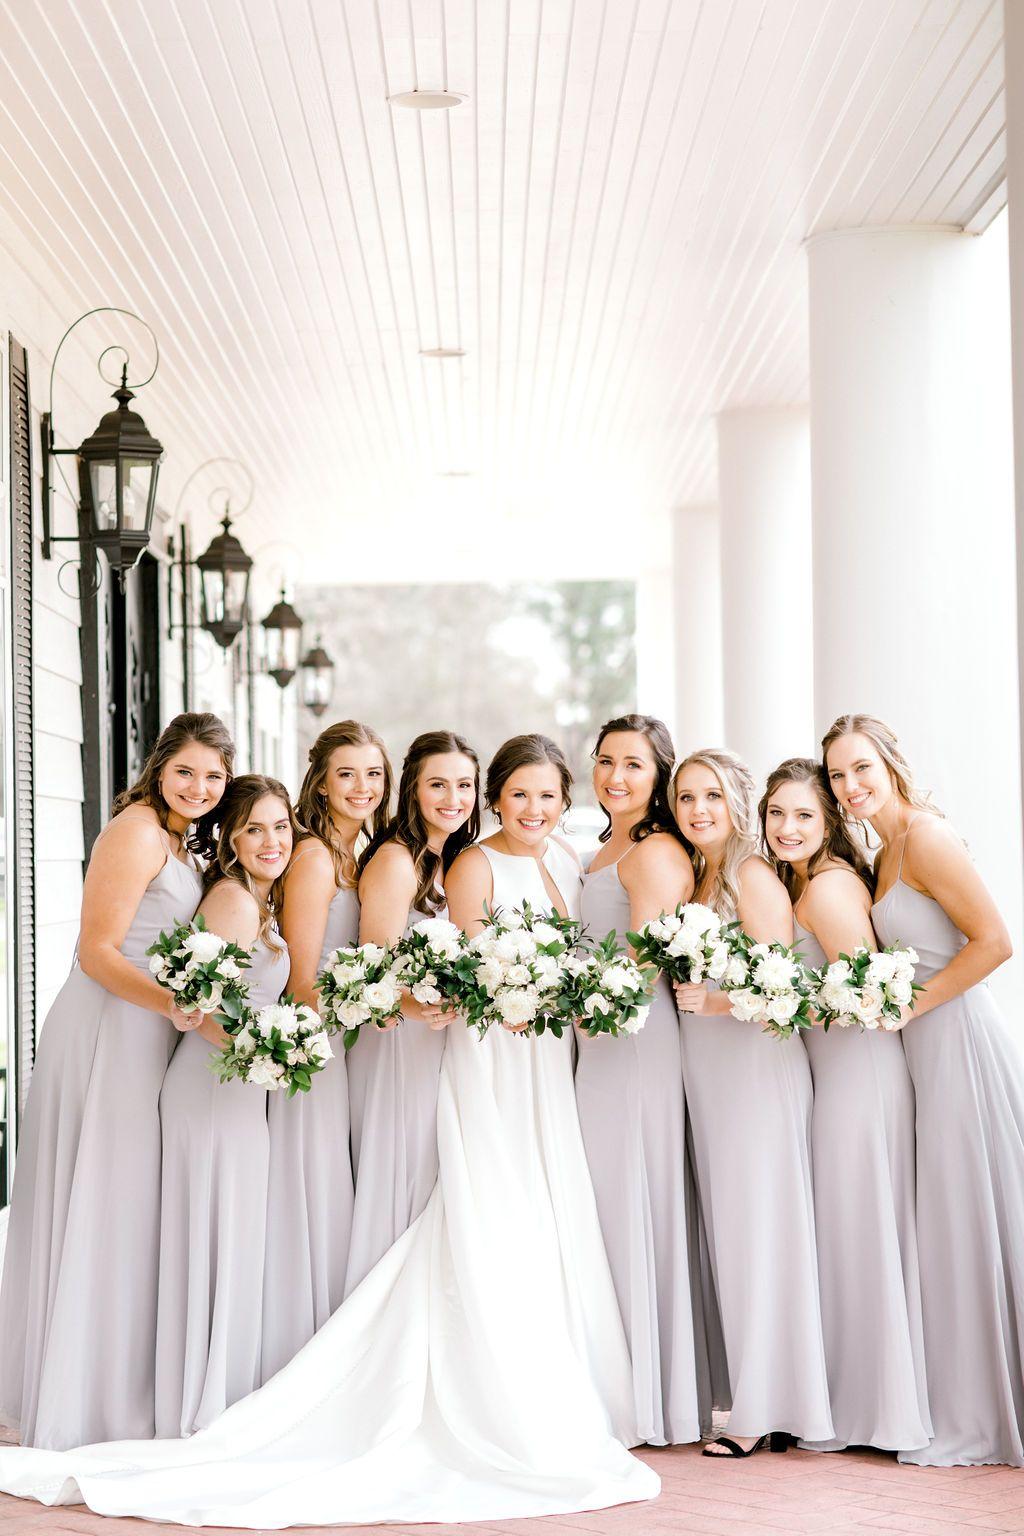 Bridesmaid Dresses Bridesmaid In Pastel Bridal Party Goal Bridesmaid In Light Grey Lig In 2020 Elegant Wedding Venues Pastel Bridal Party Dallas Wedding Venues